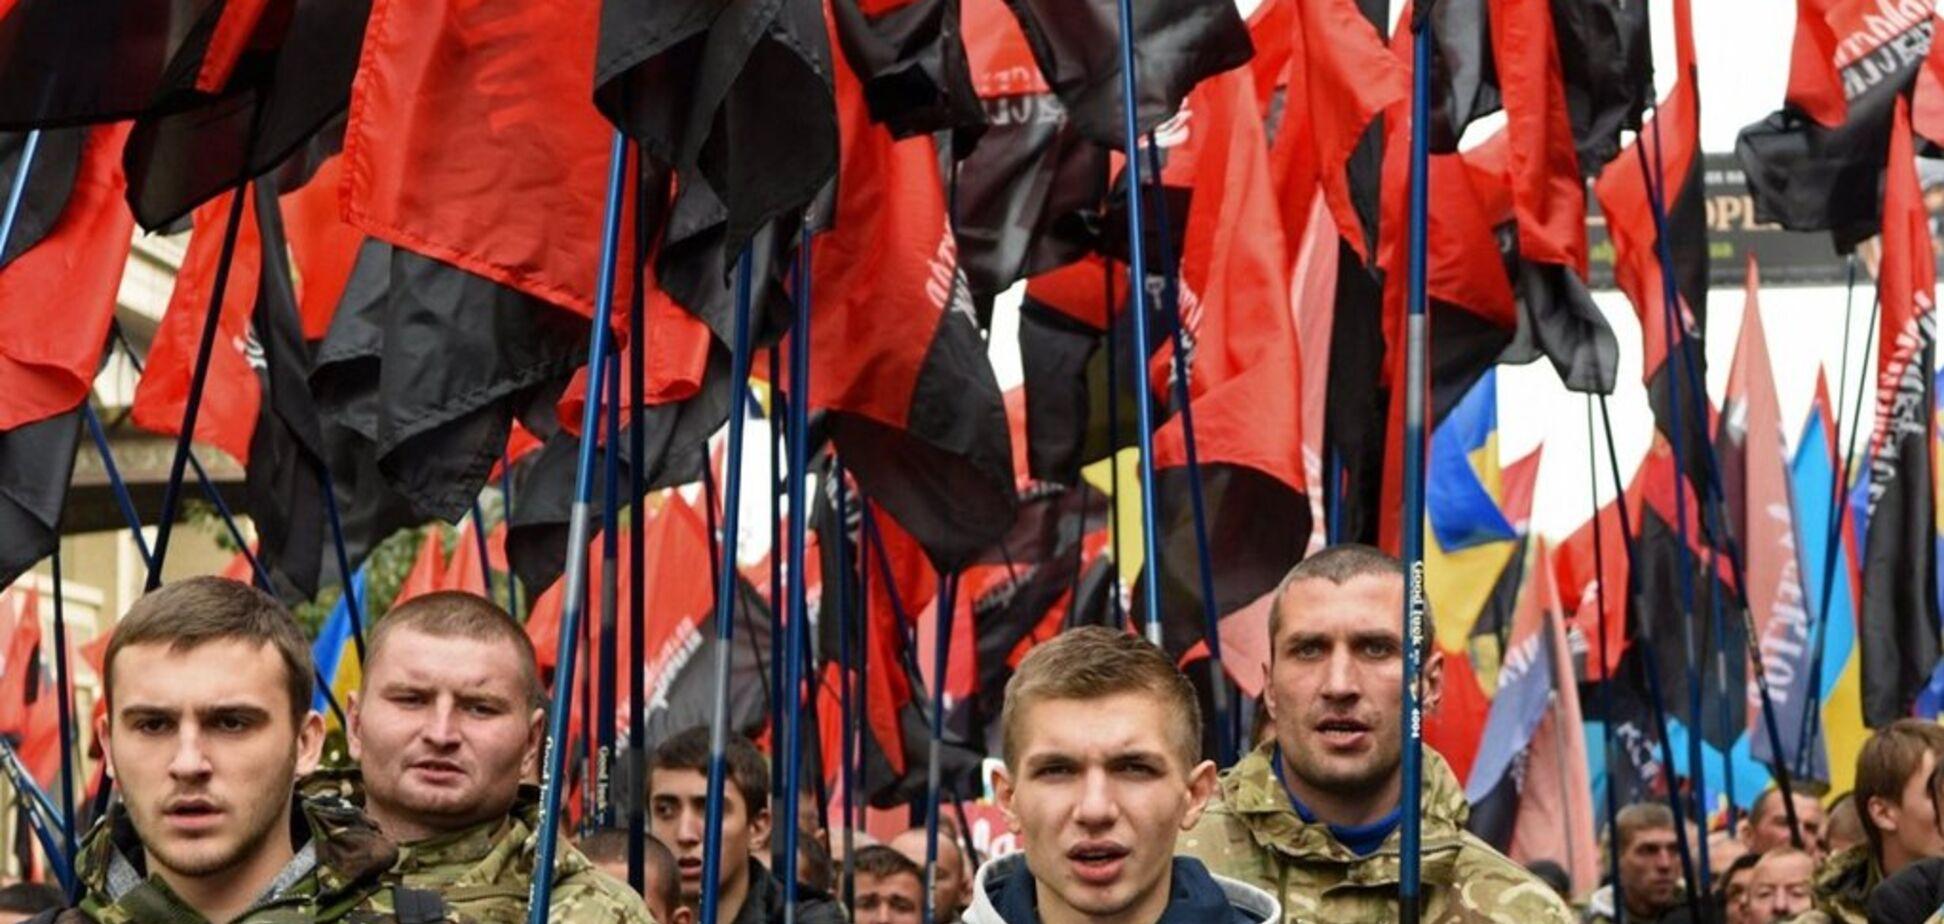 Марш УПА в Києві: в 'Правому секторі' попередили про провокації